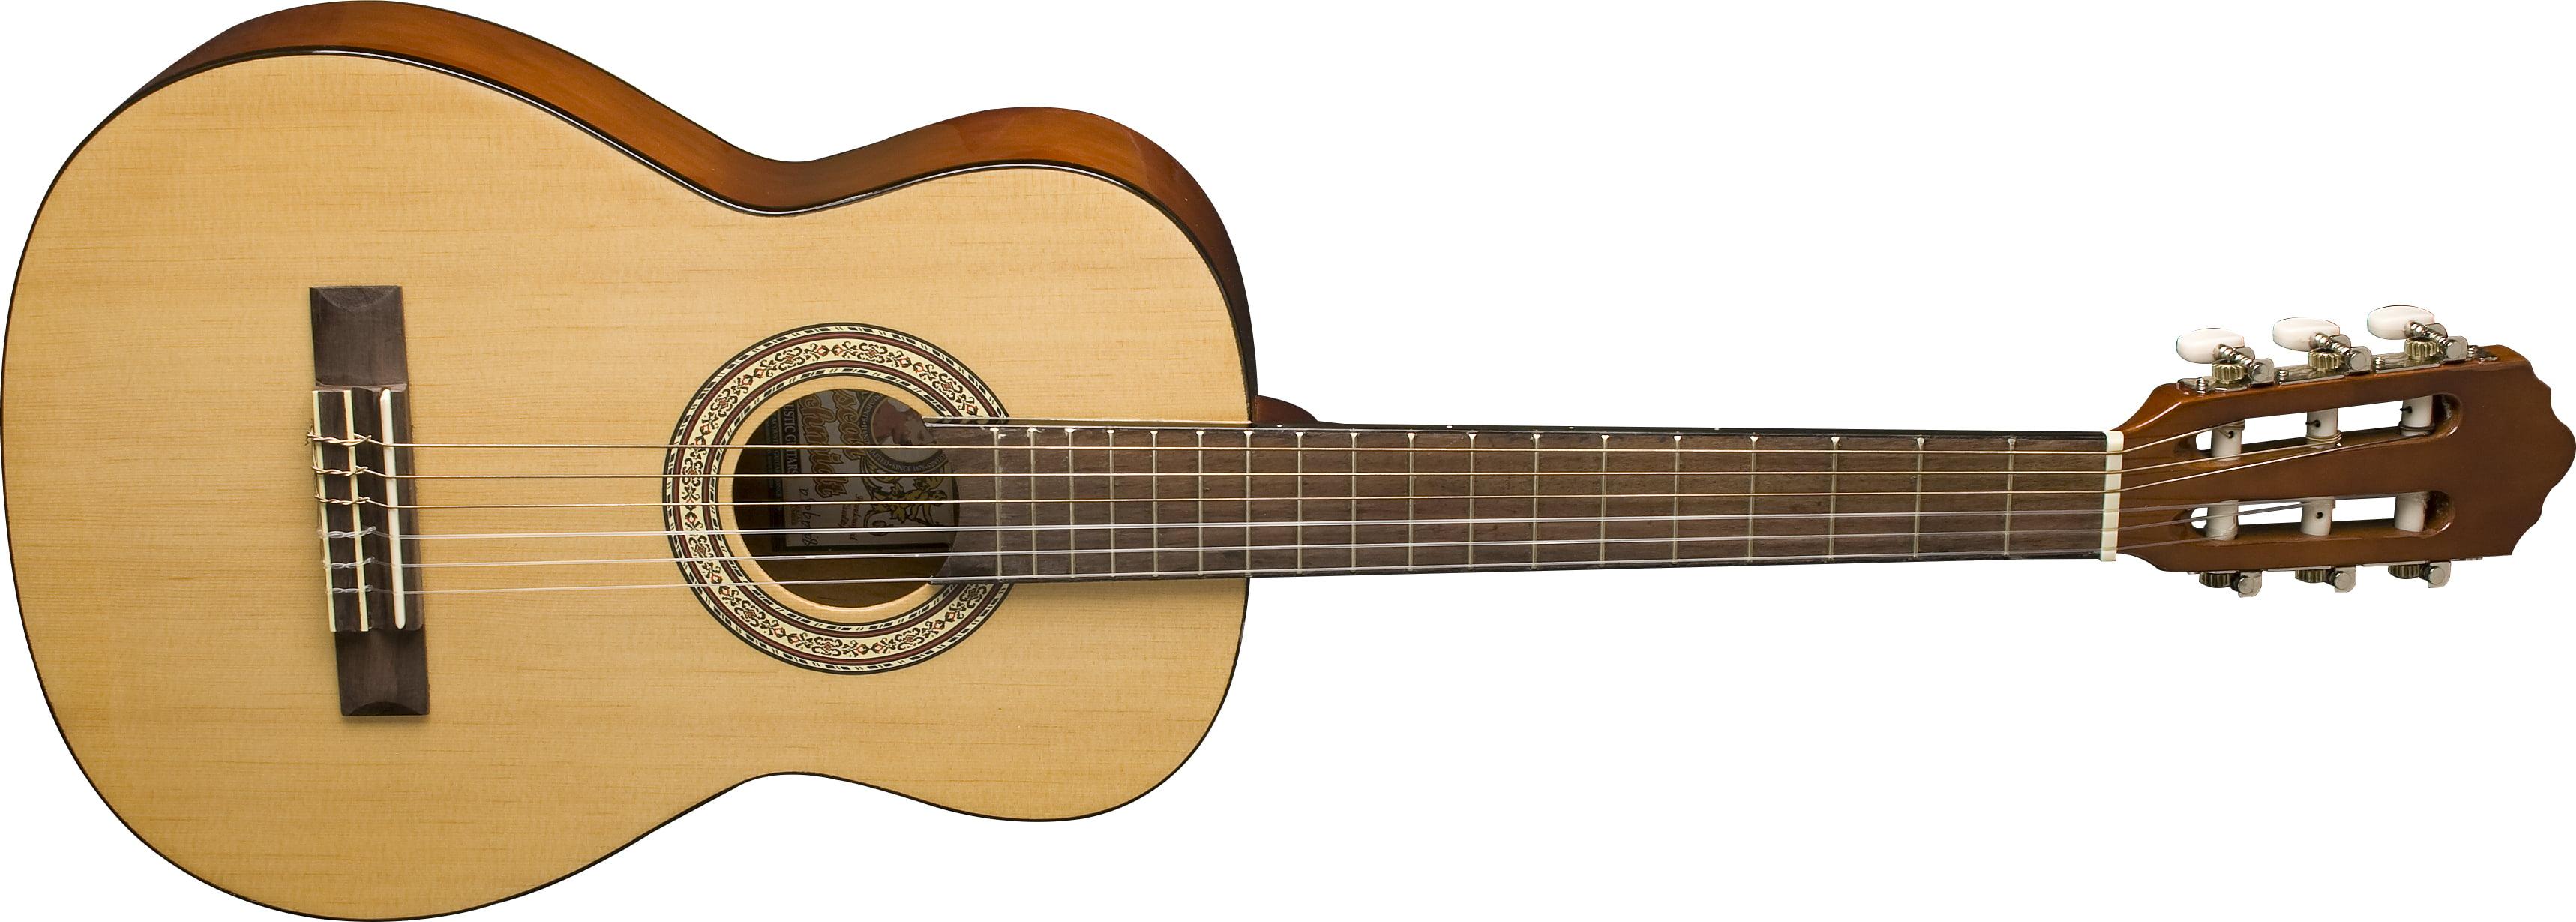 Oscar Schmidt OCHS 1 2 Size Classical Guitar. Natural (High Gloss) by KMC Music